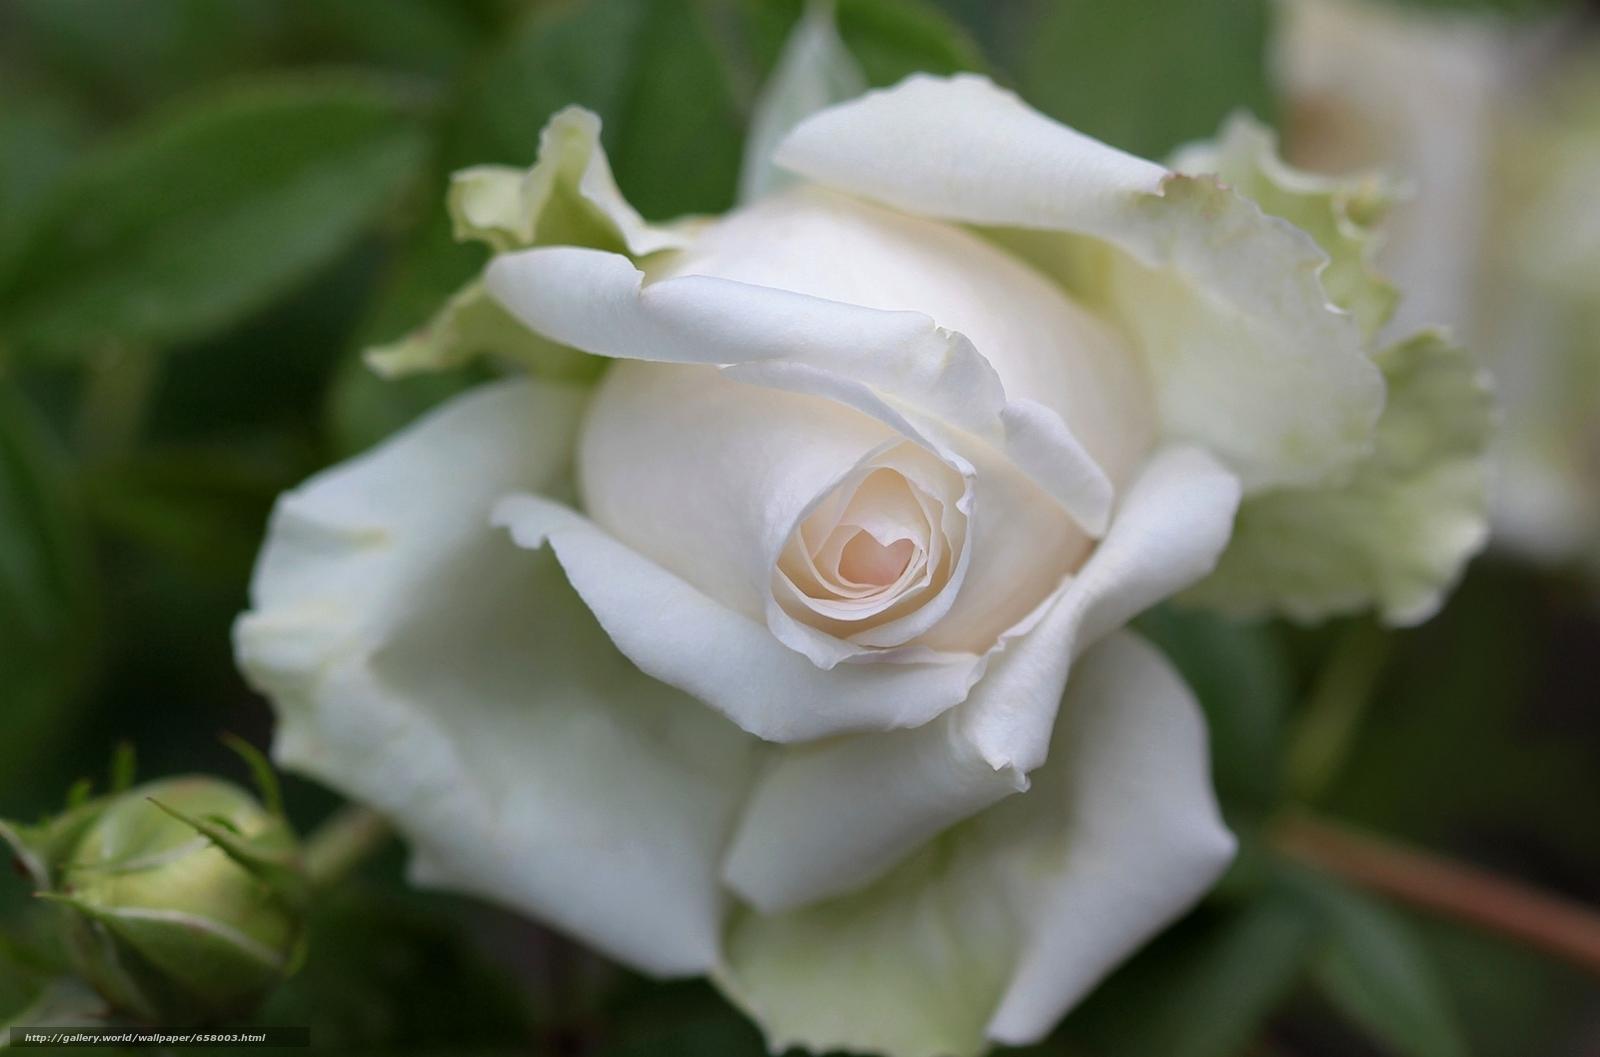 Скачать обои цветы,  цветок,  роза,  розы бесплатно для рабочего стола в разрешении 2048x1353 — картинка №658003